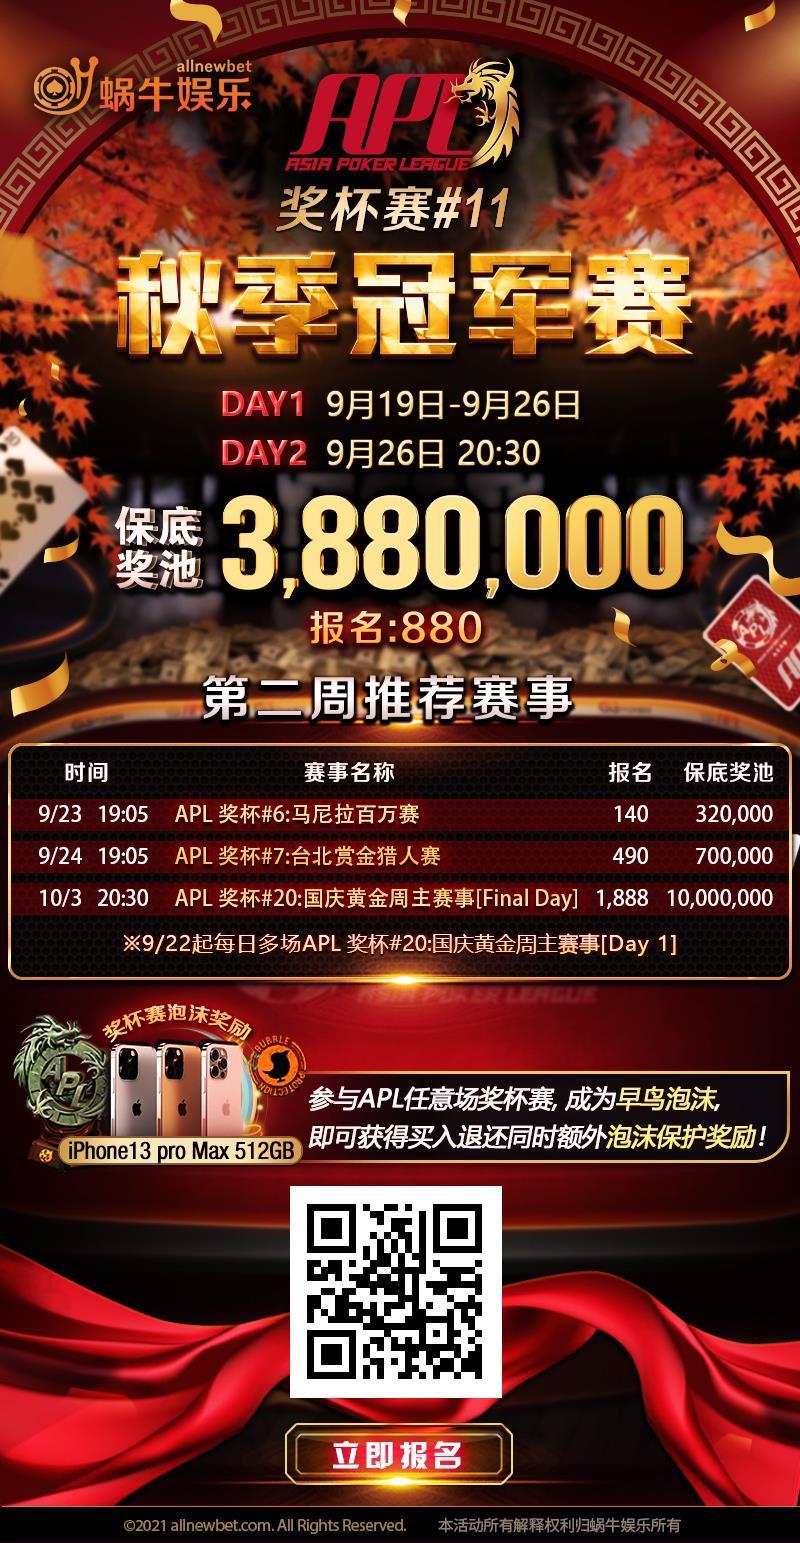 【蜗牛扑克】APL中国选手大放异彩,疯狂夺冠!百万保底秋季冠军赛强势来袭